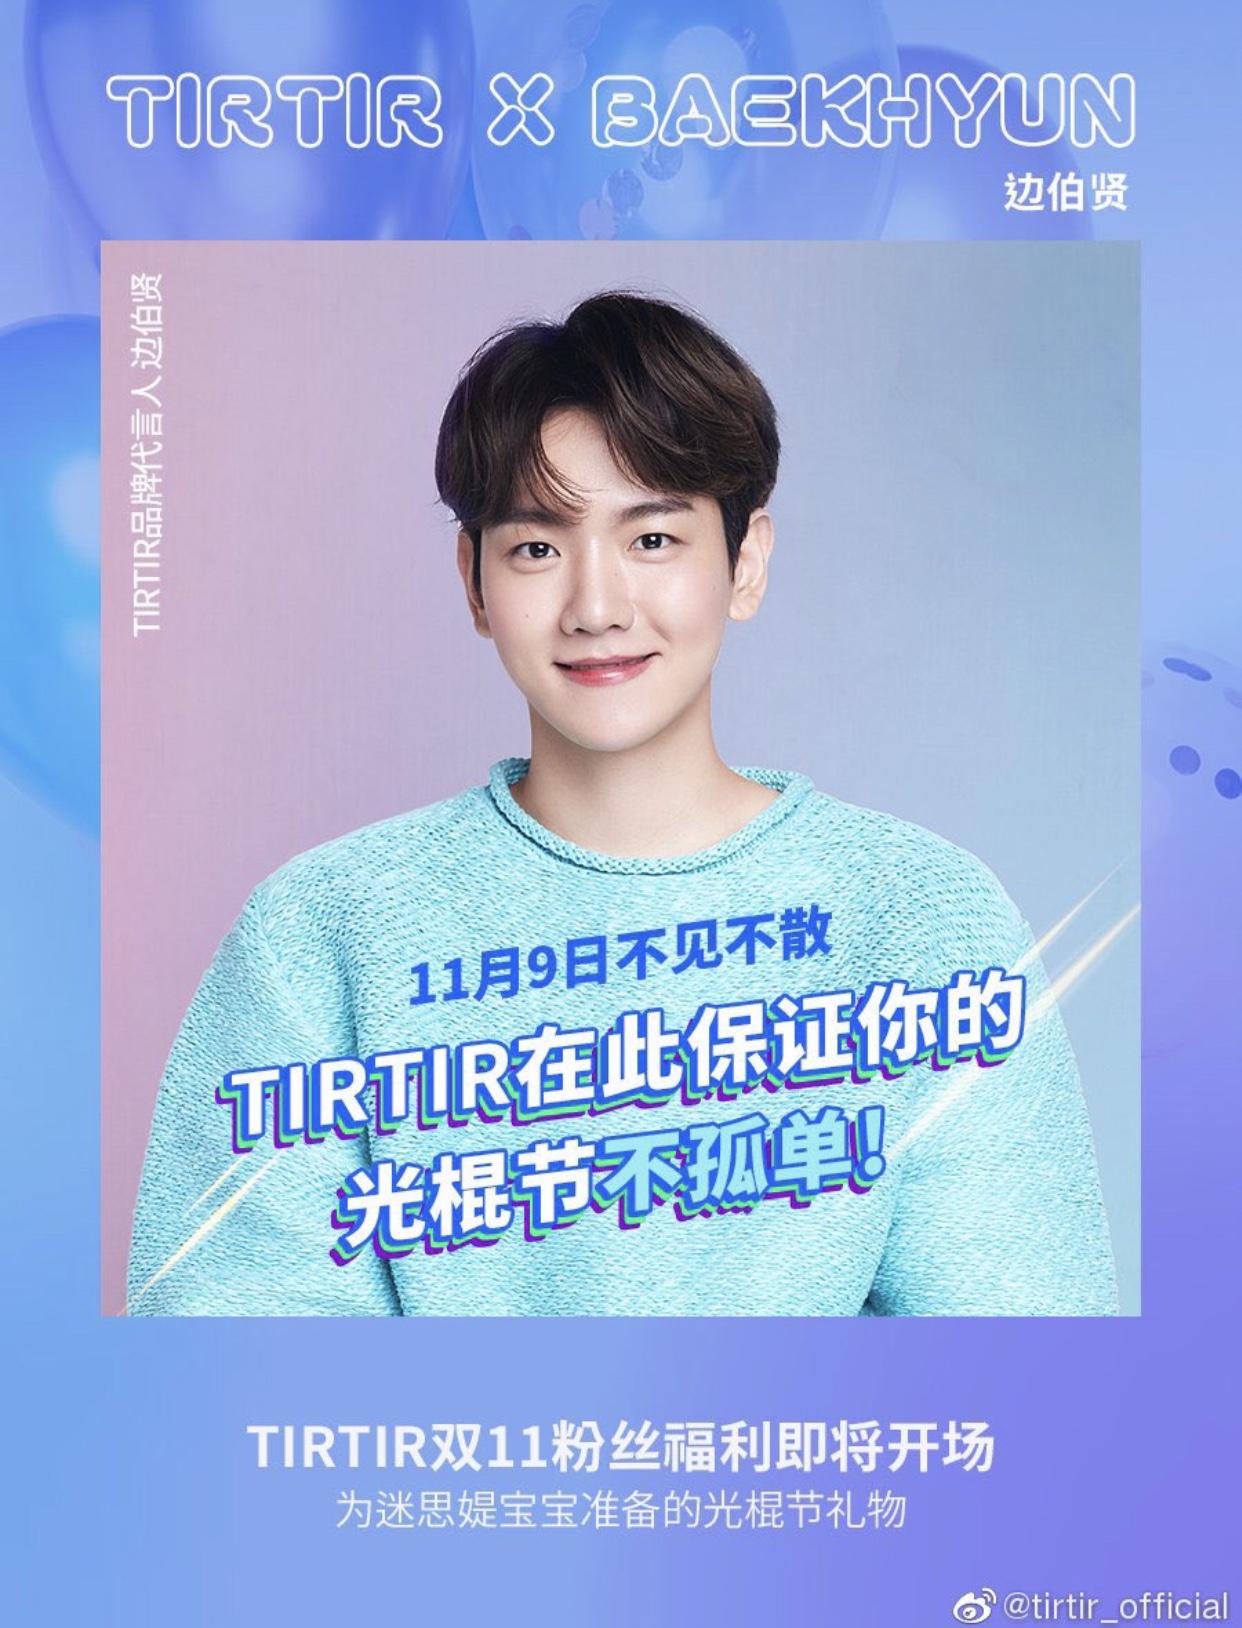 9일(월), 💙 엑소 백현 티르티르 온라인 팬미팅 💙 | 인스티즈